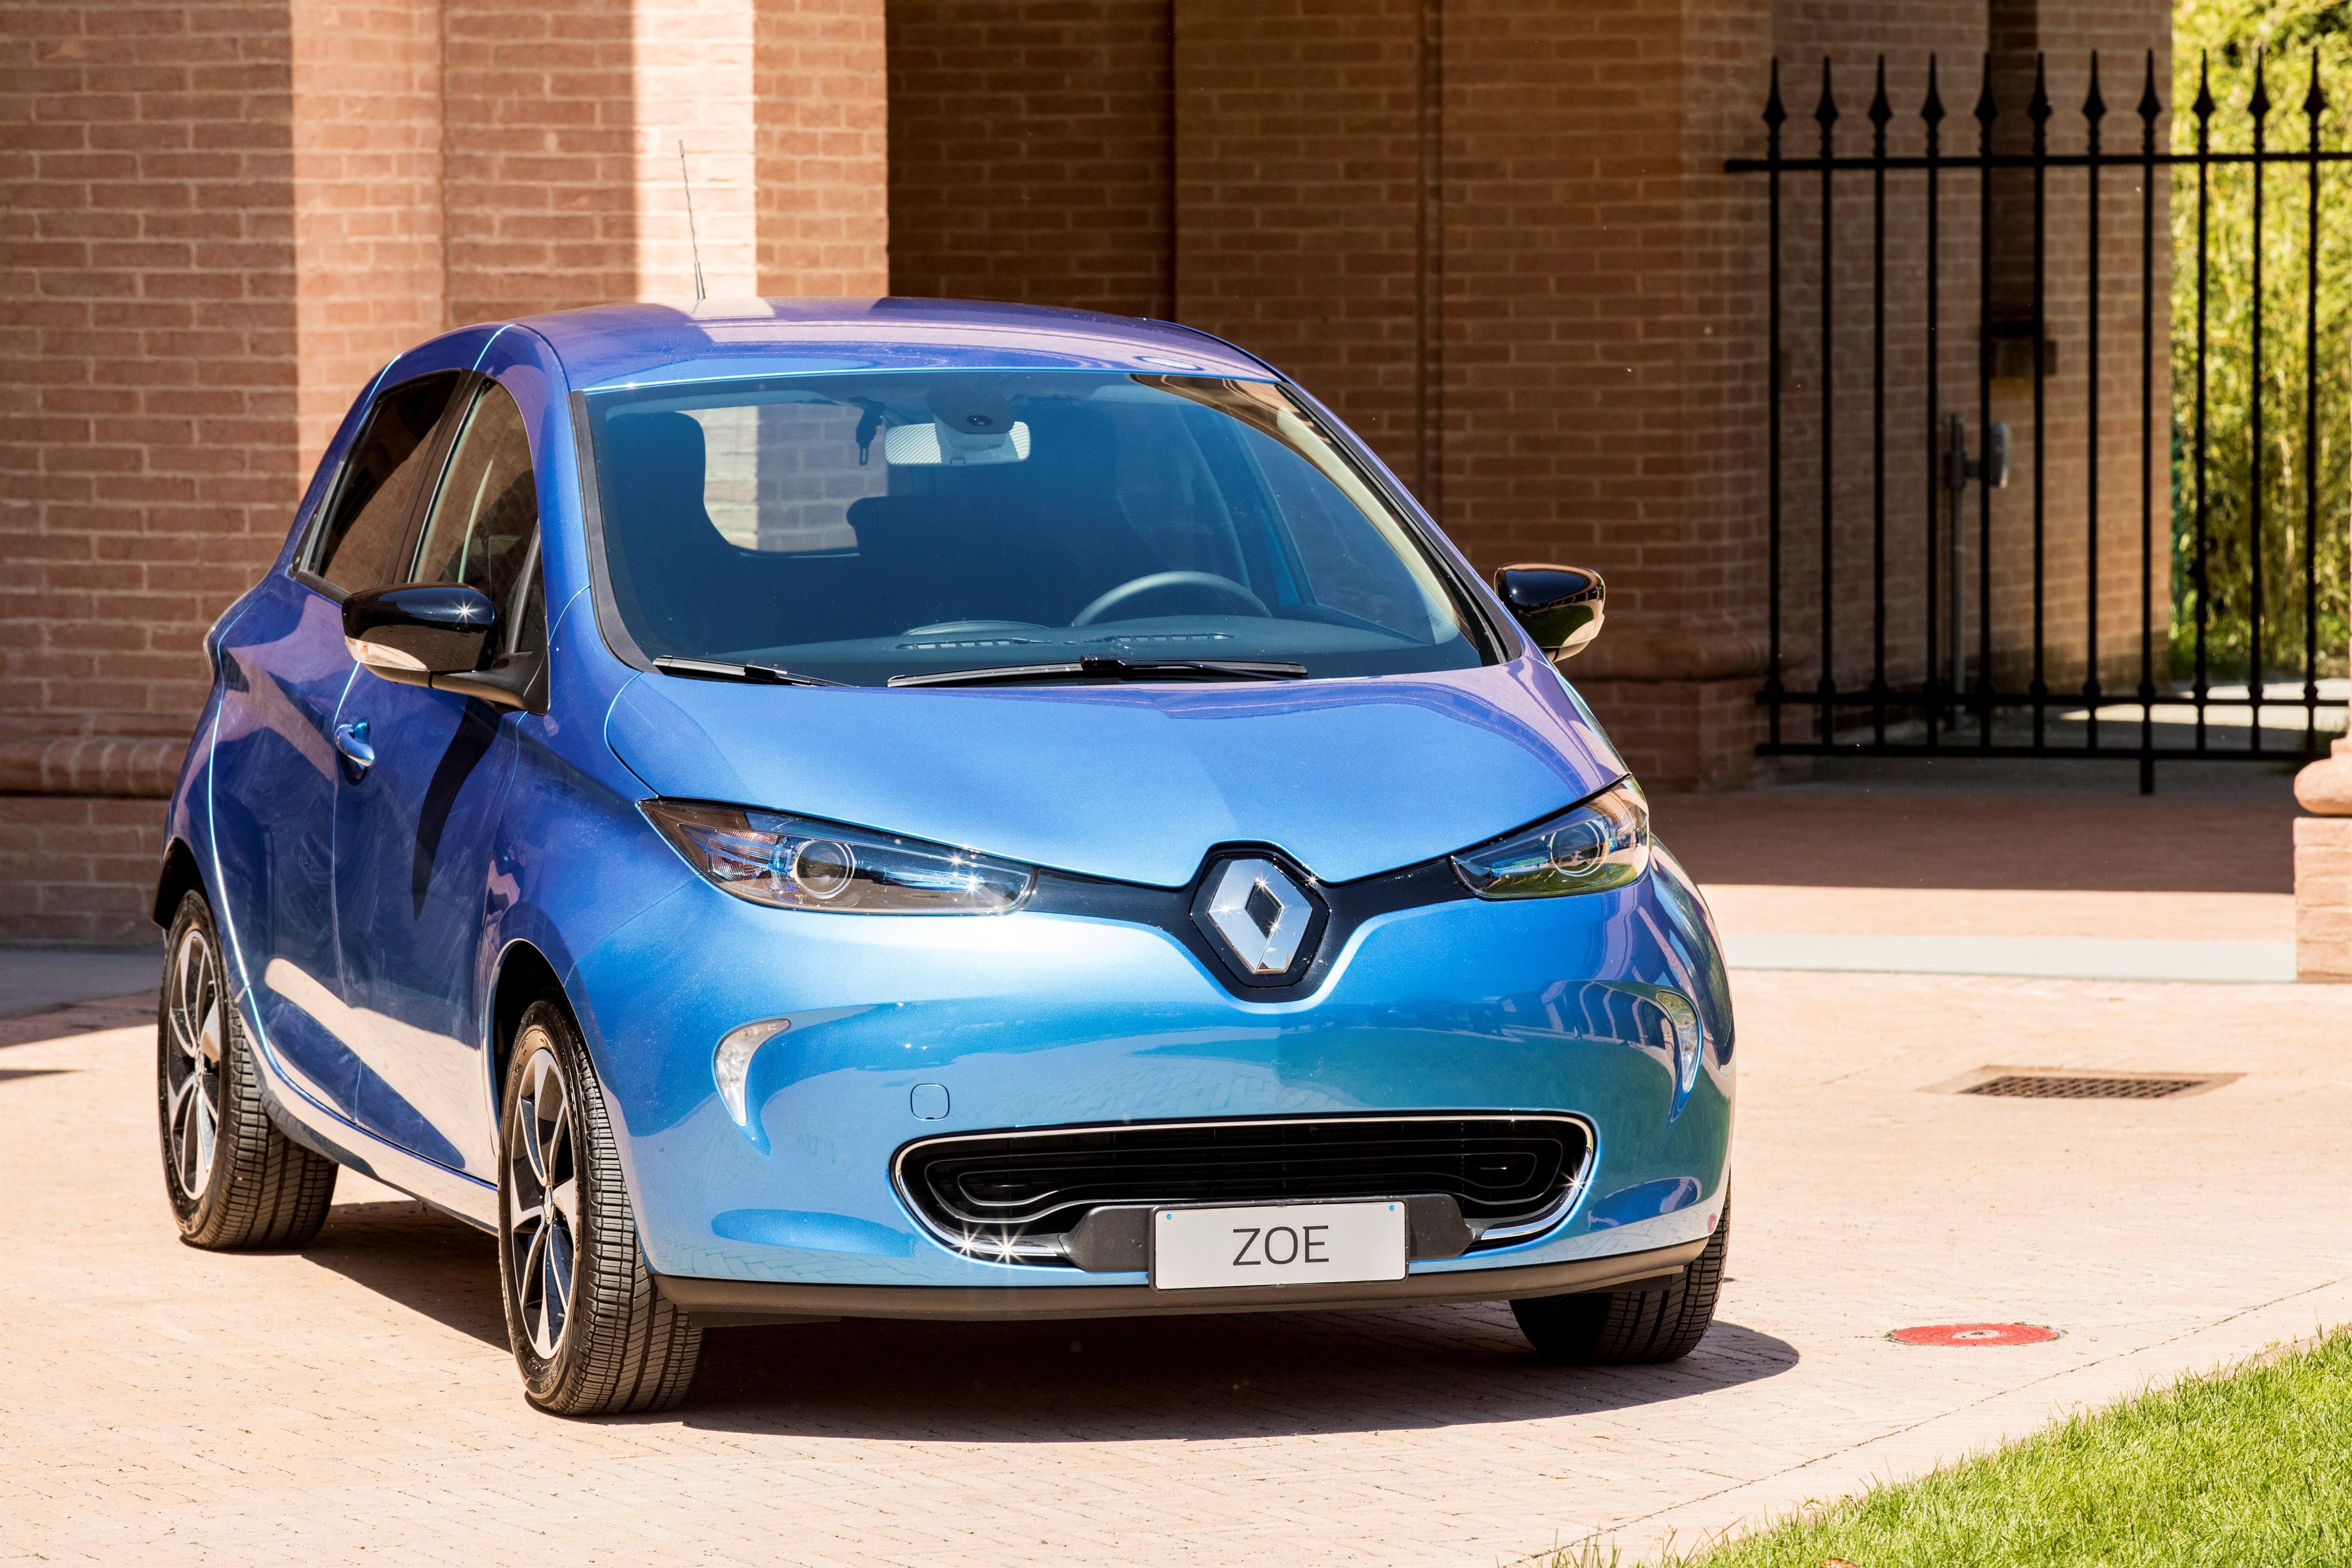 Nuova Zoe elettrica: 400 km di autonomia, 30 minuti per ricaricarla